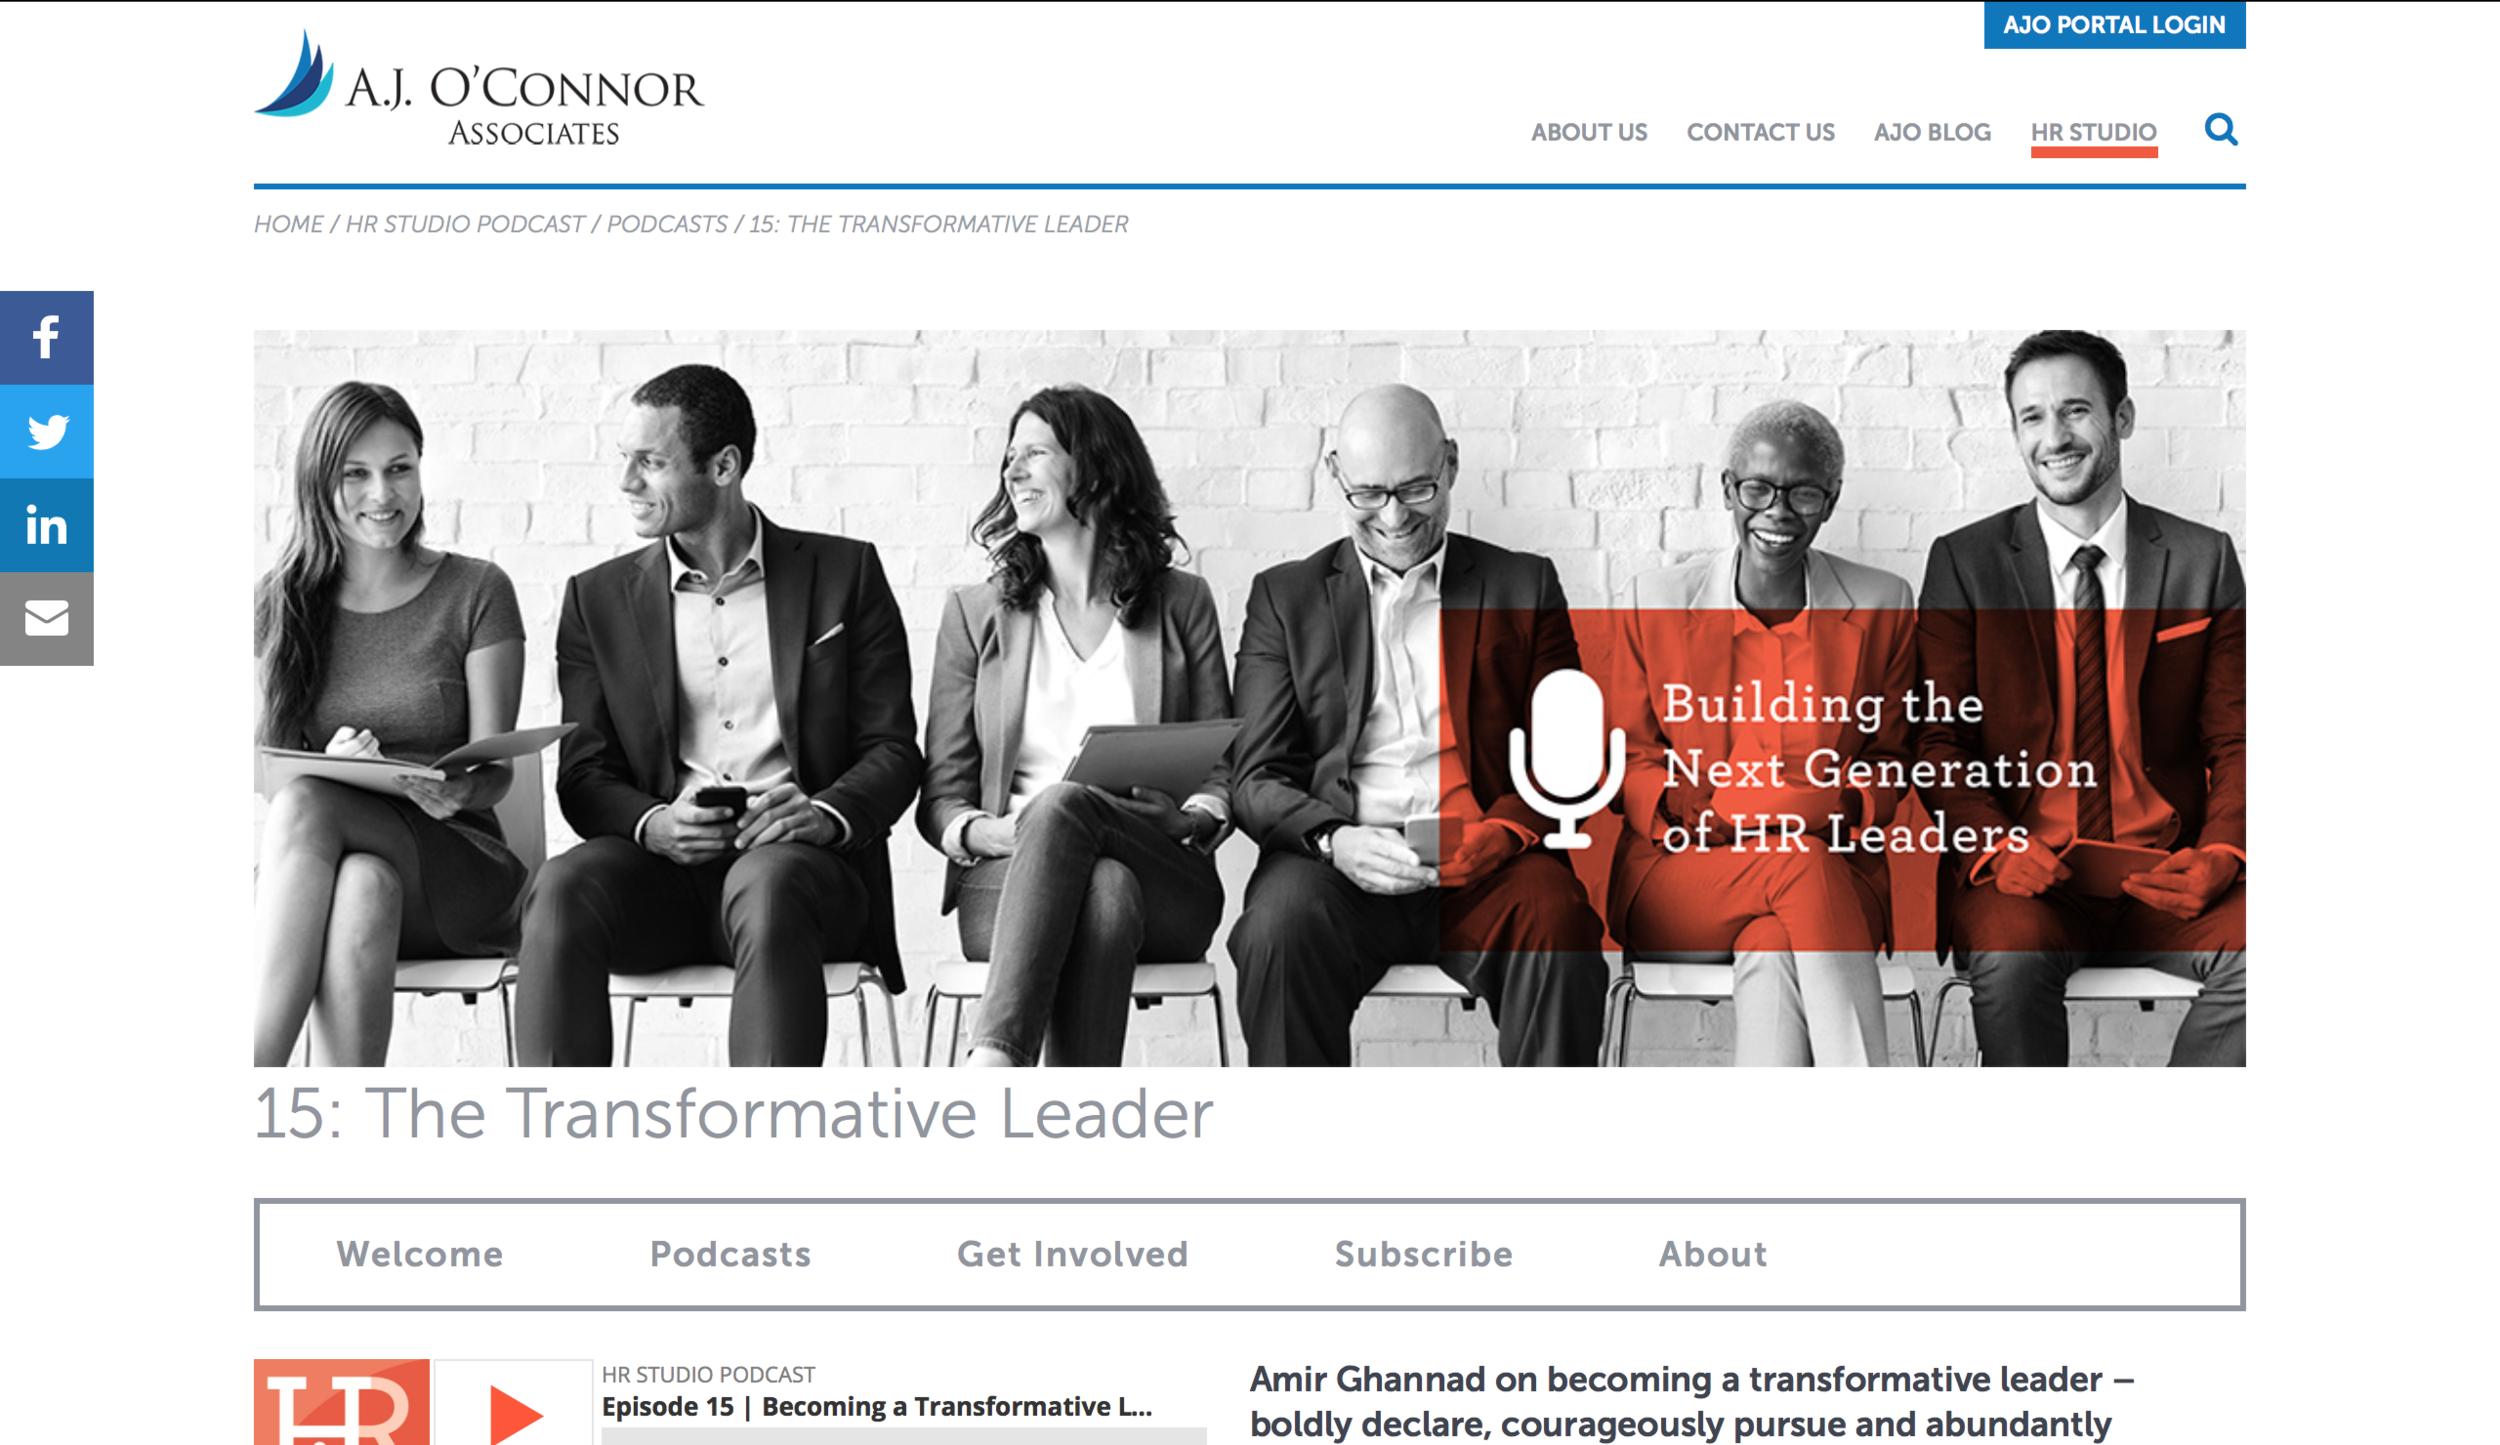 A.J. O'Connor Associates